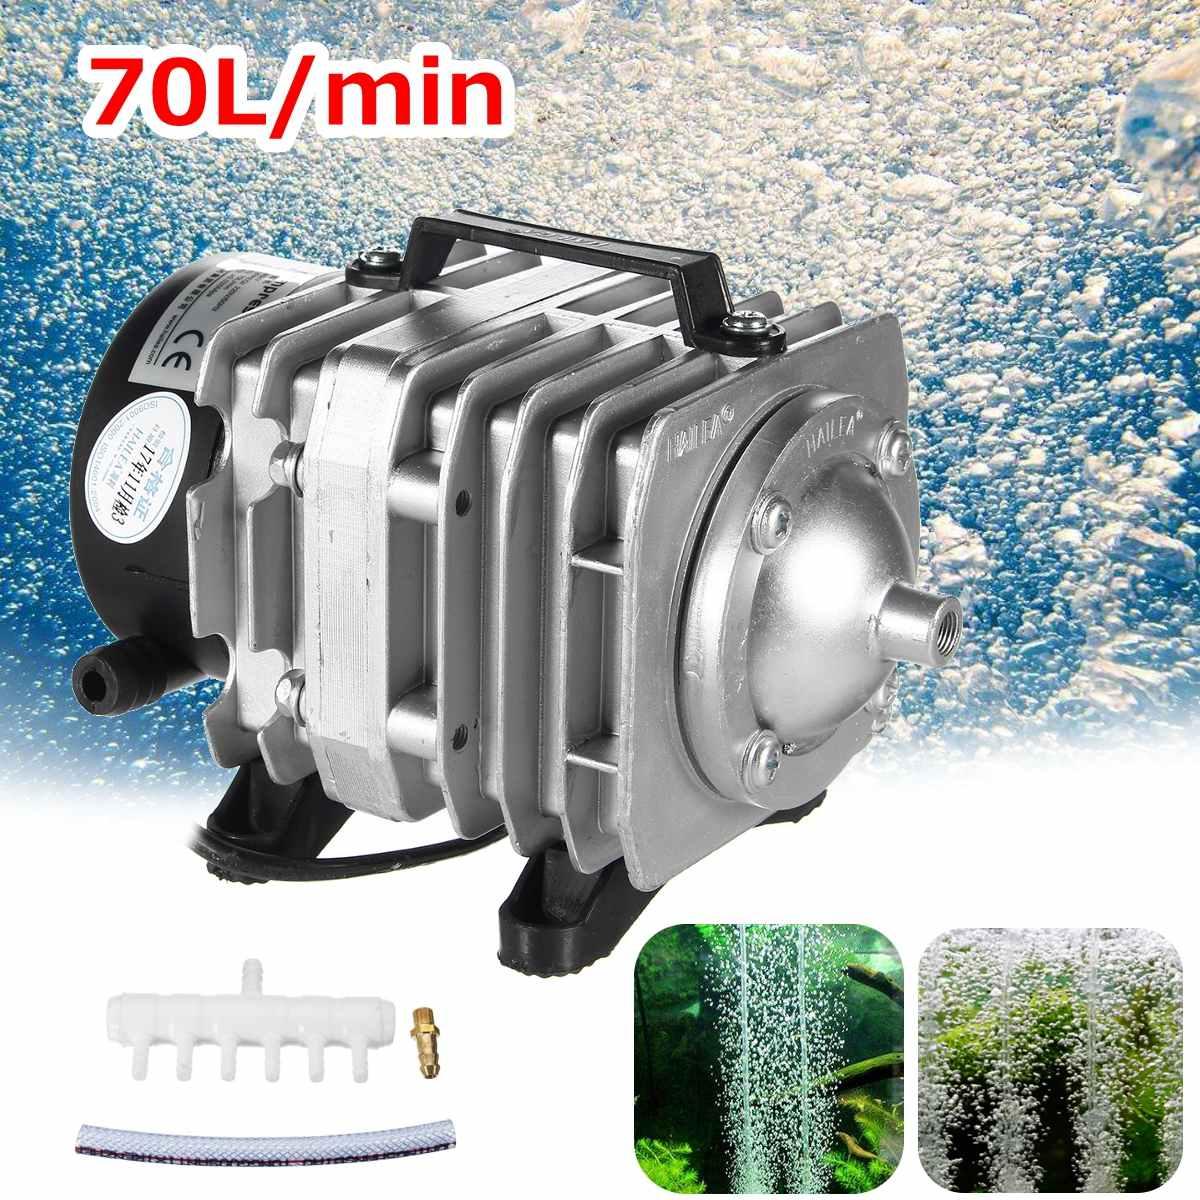 Электромагнитный воздушный компрессор ACO-318 (45 Вт, 220 В, 70 л/мин.)